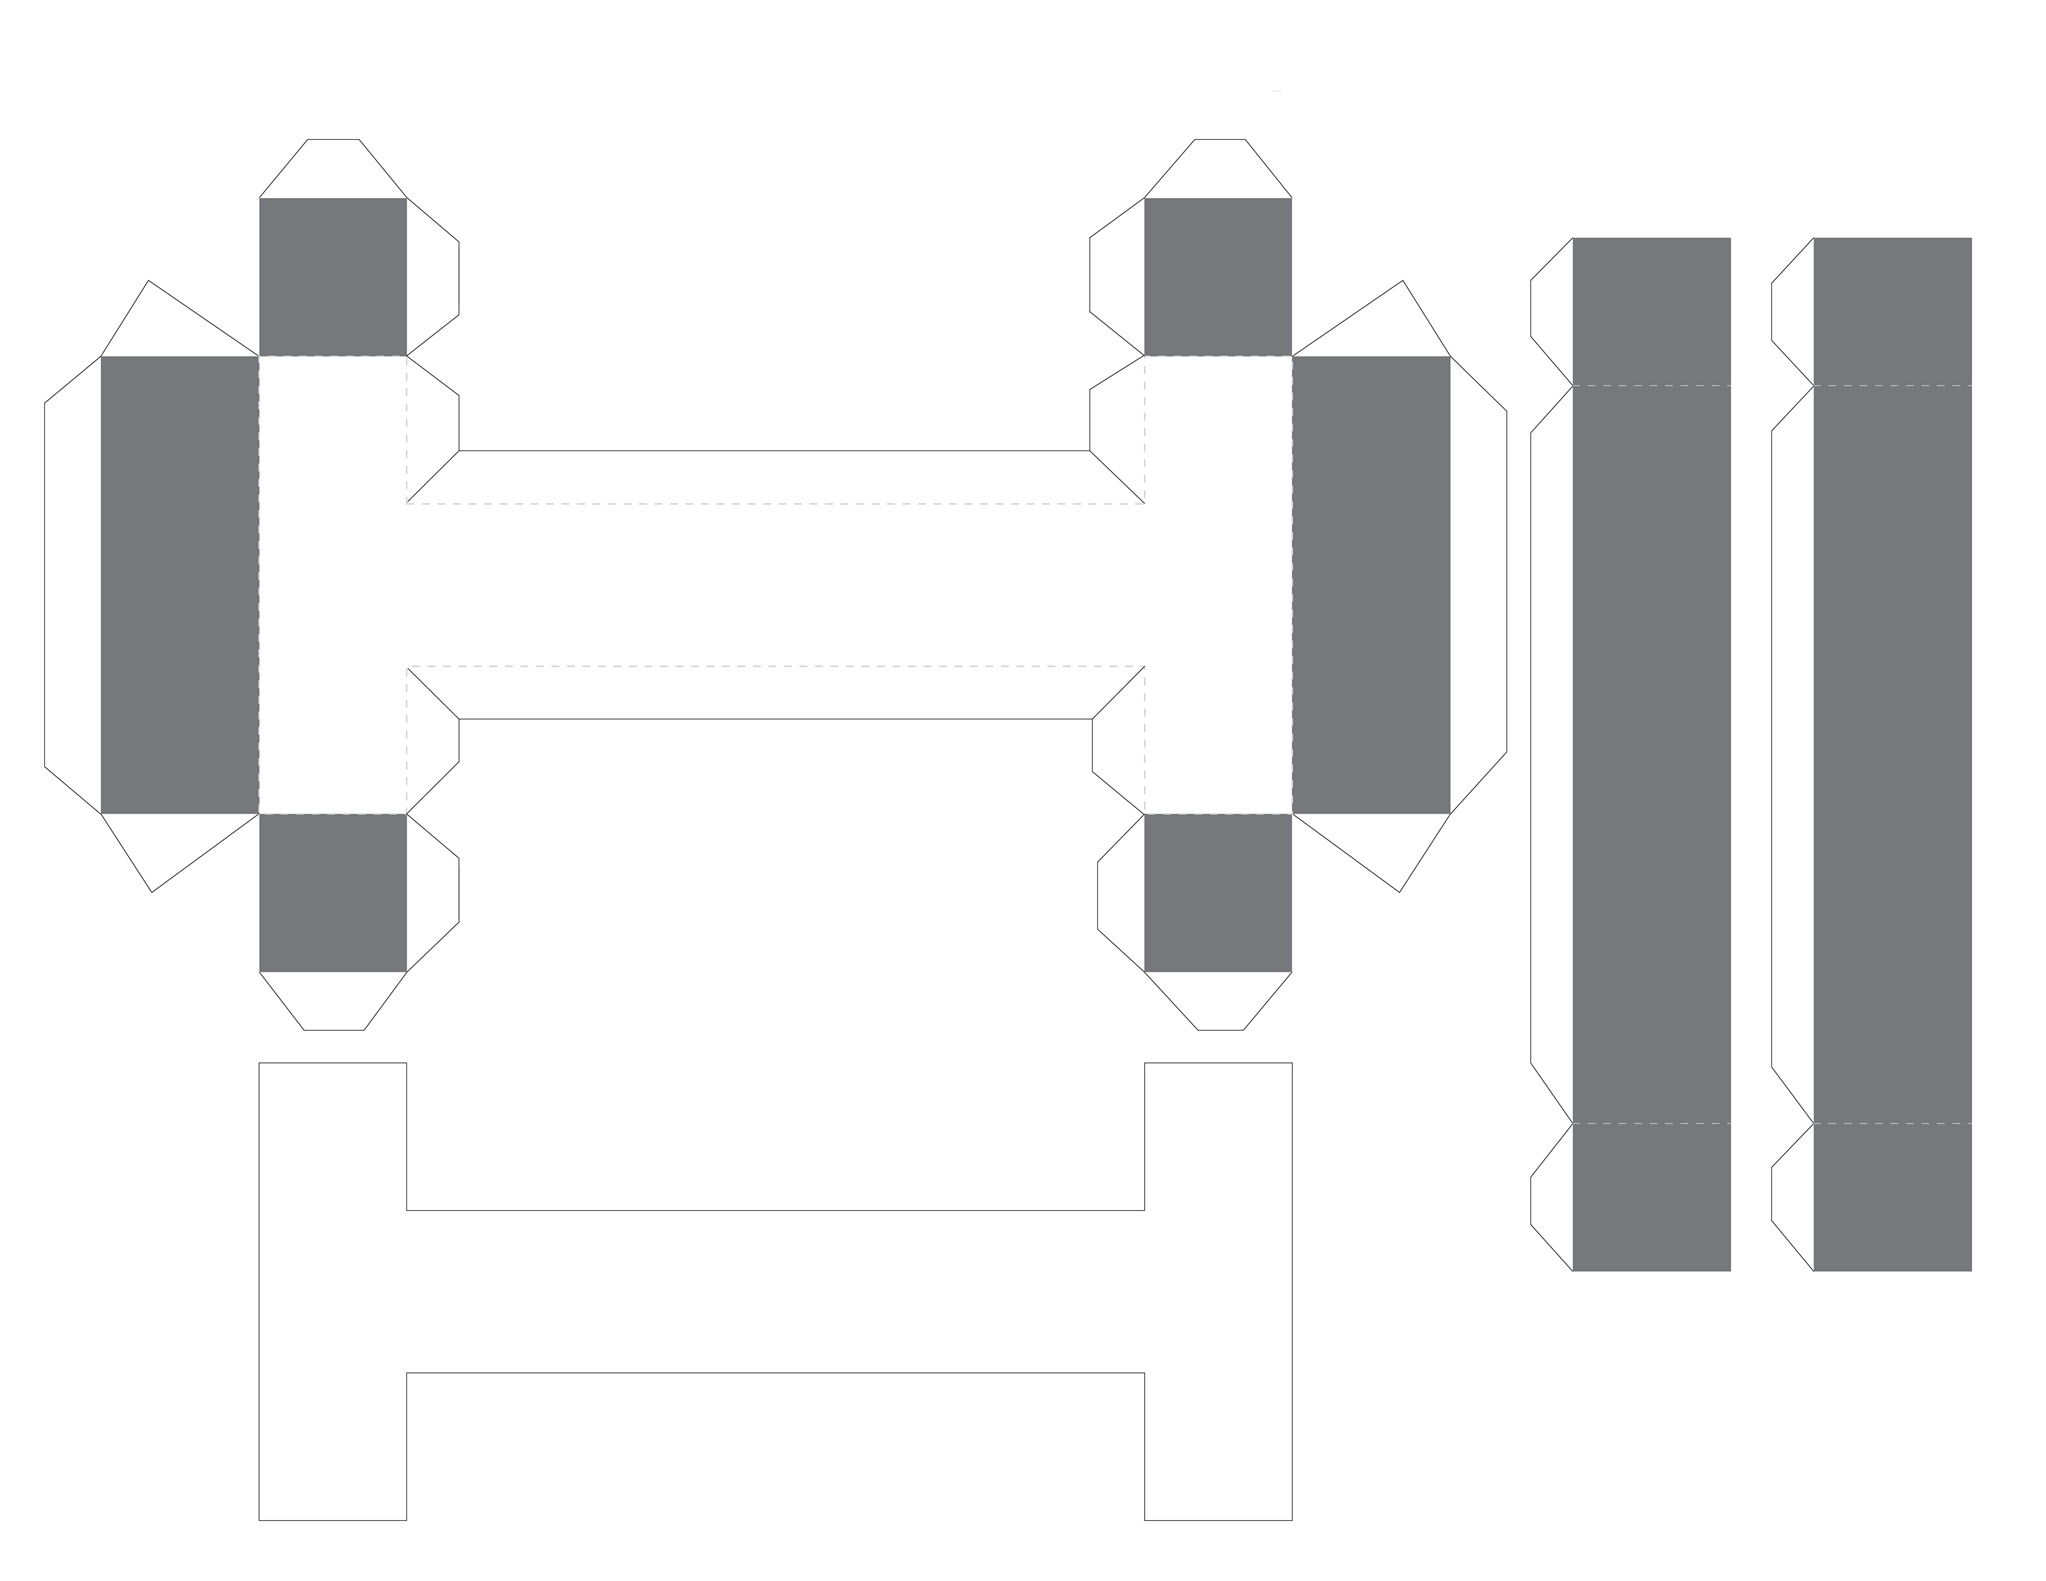 Шаблон объемные буквы из картона своими руками схемы шаблоны фото 849